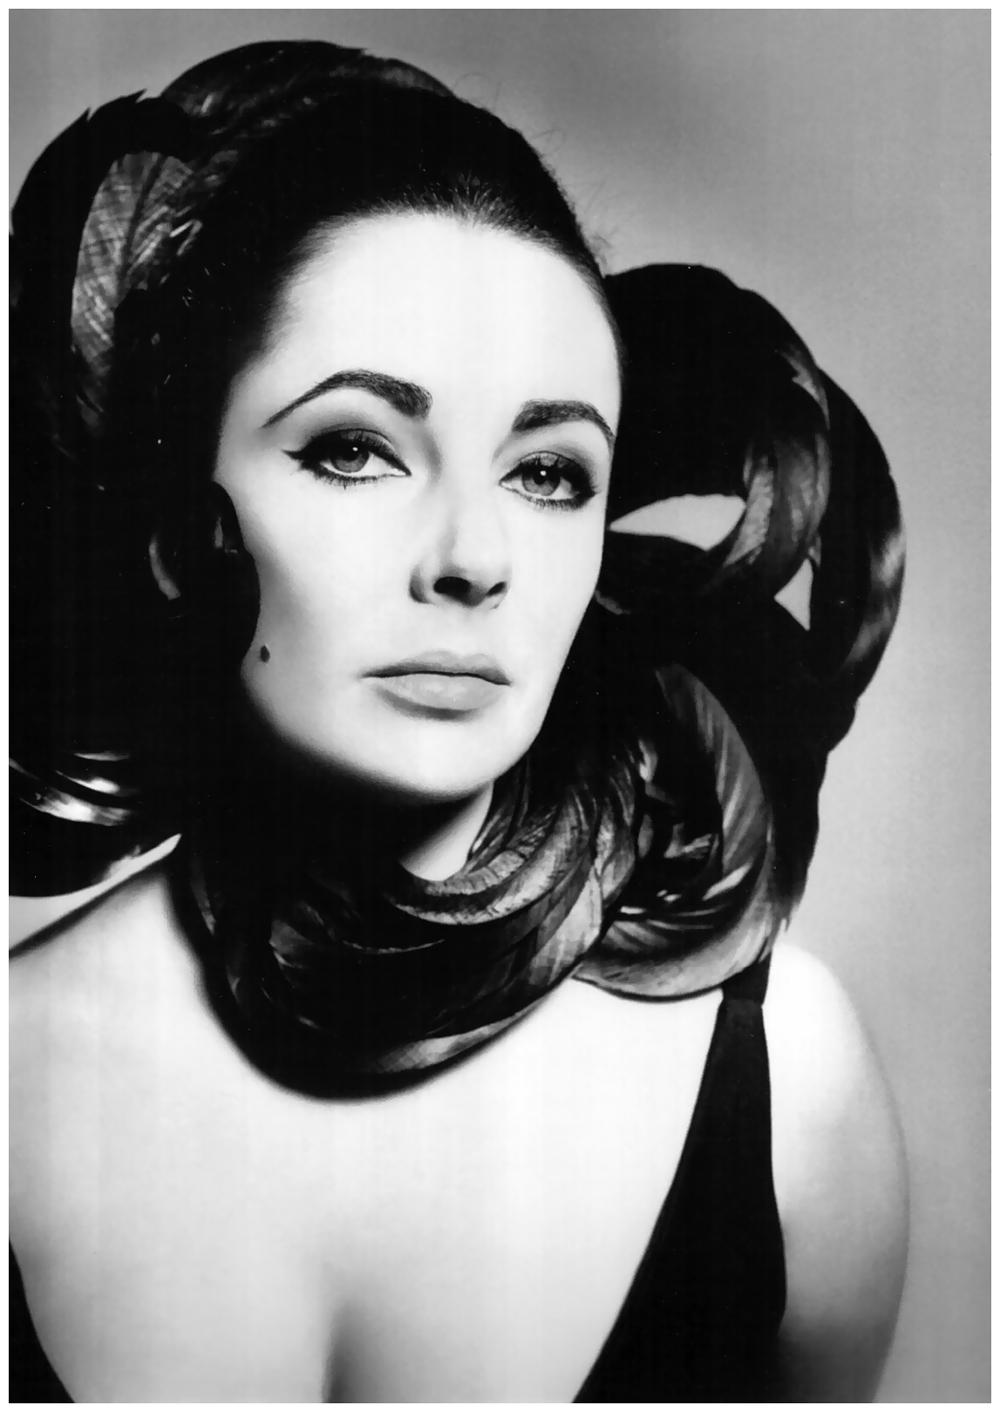 elizabeth-taylor-ny-1964-photo-richard-avedon